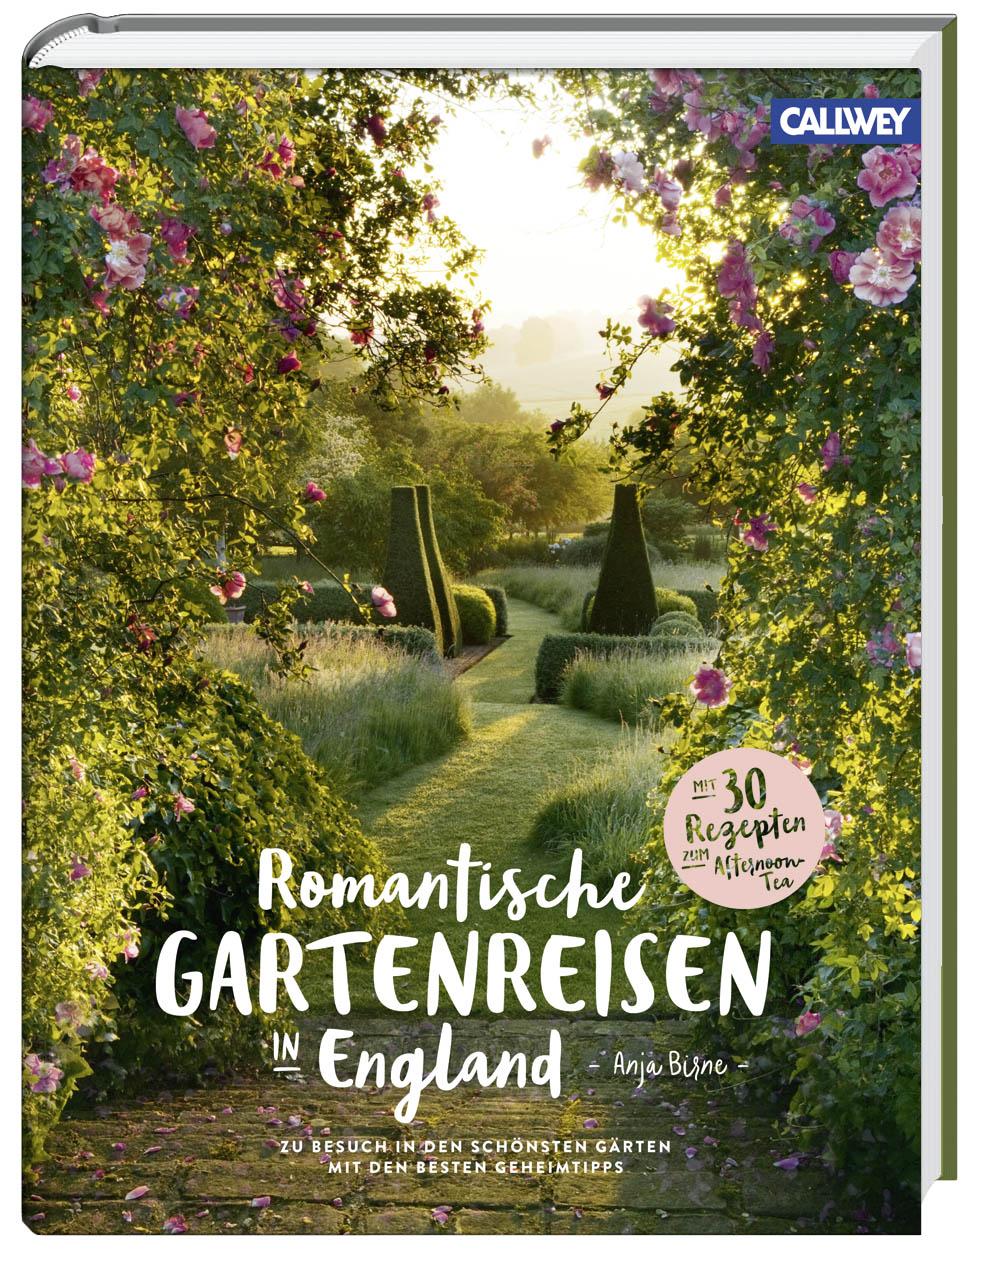 »Romantische Gartenreisen in England« von Anja Birne, © Callwey Verlag